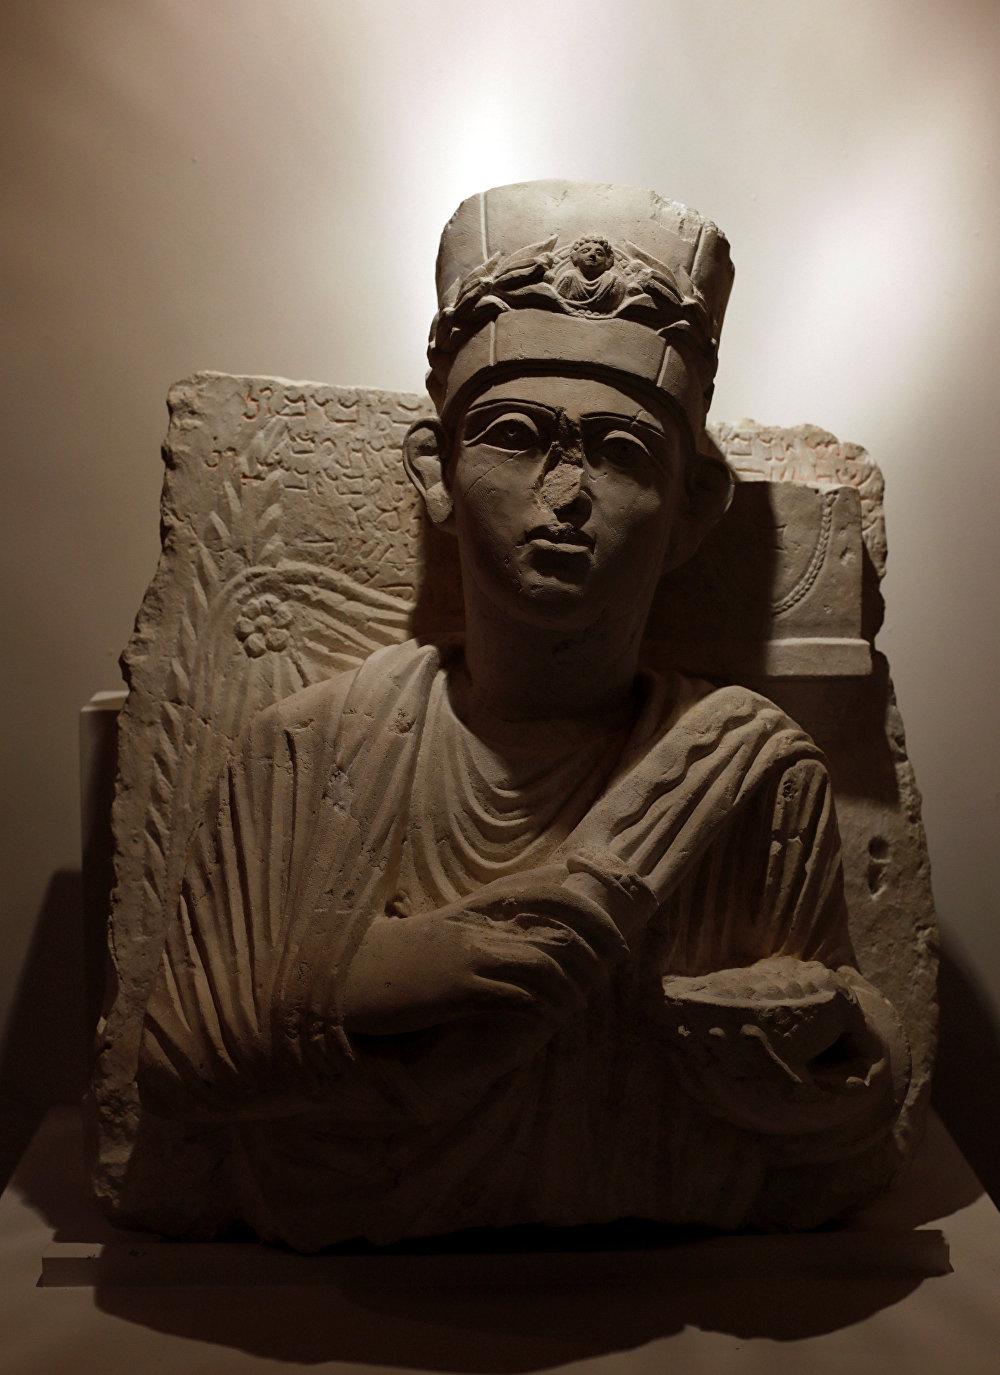 الحكومة السورية تستعيد تمثالا حجريا للكاهن يلحي بن يلحبودا ويعود لآثار مدينة تدمر